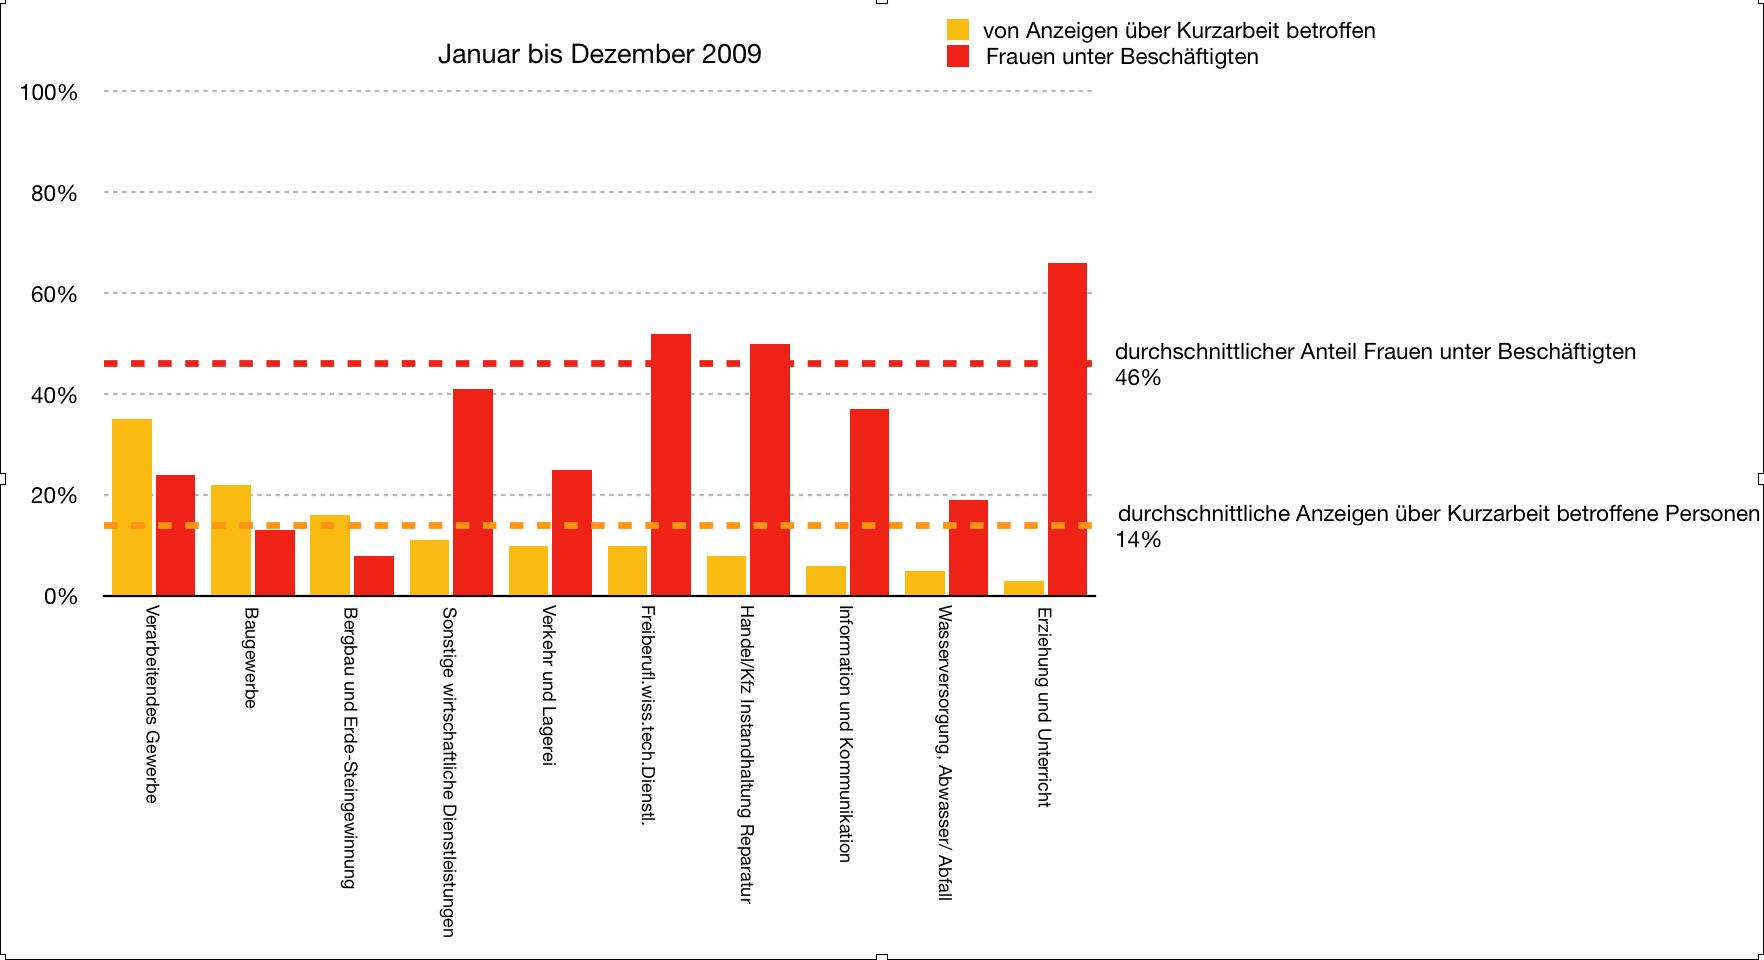 2009 – die 10 am Stärksten von Kurzarbeit betroffenen Branchen